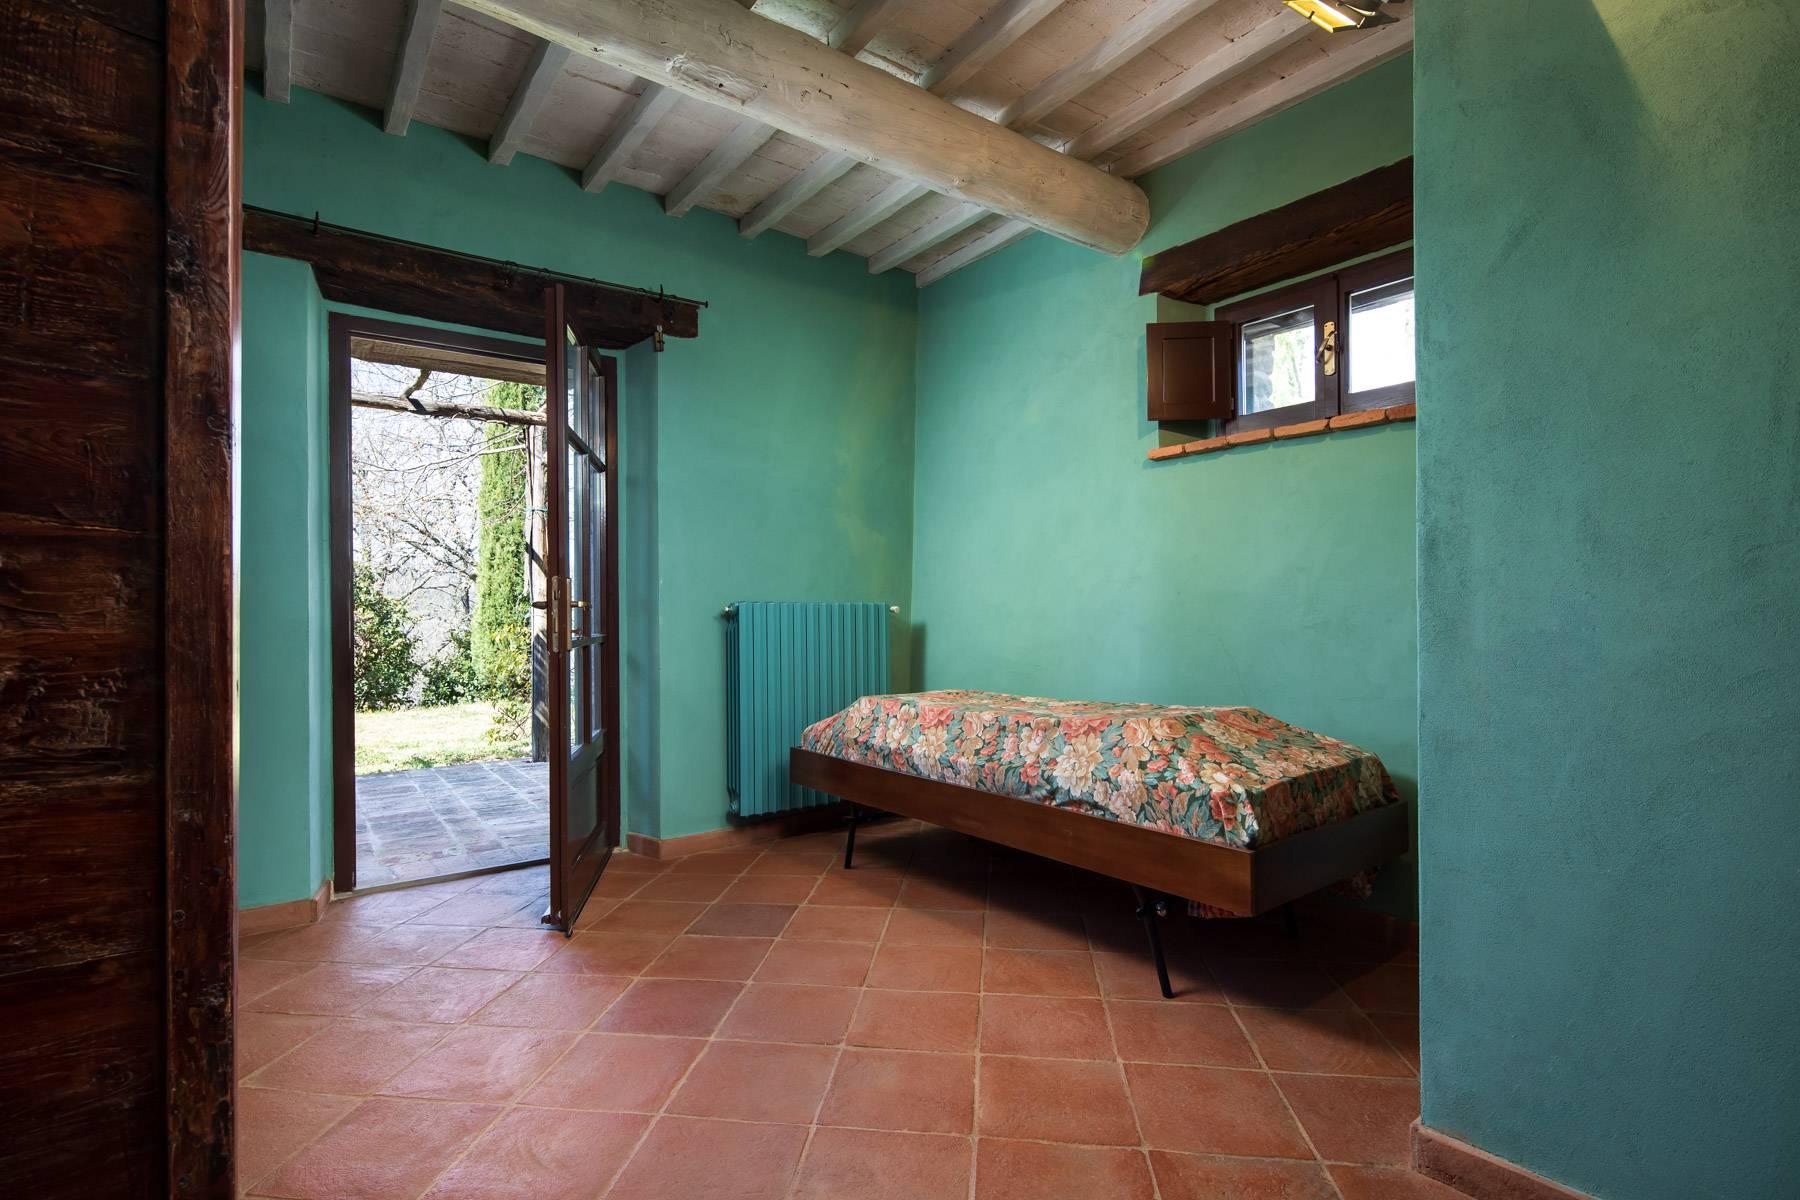 Rustico in Vendita a Monte San Savino: 5 locali, 307 mq - Foto 15